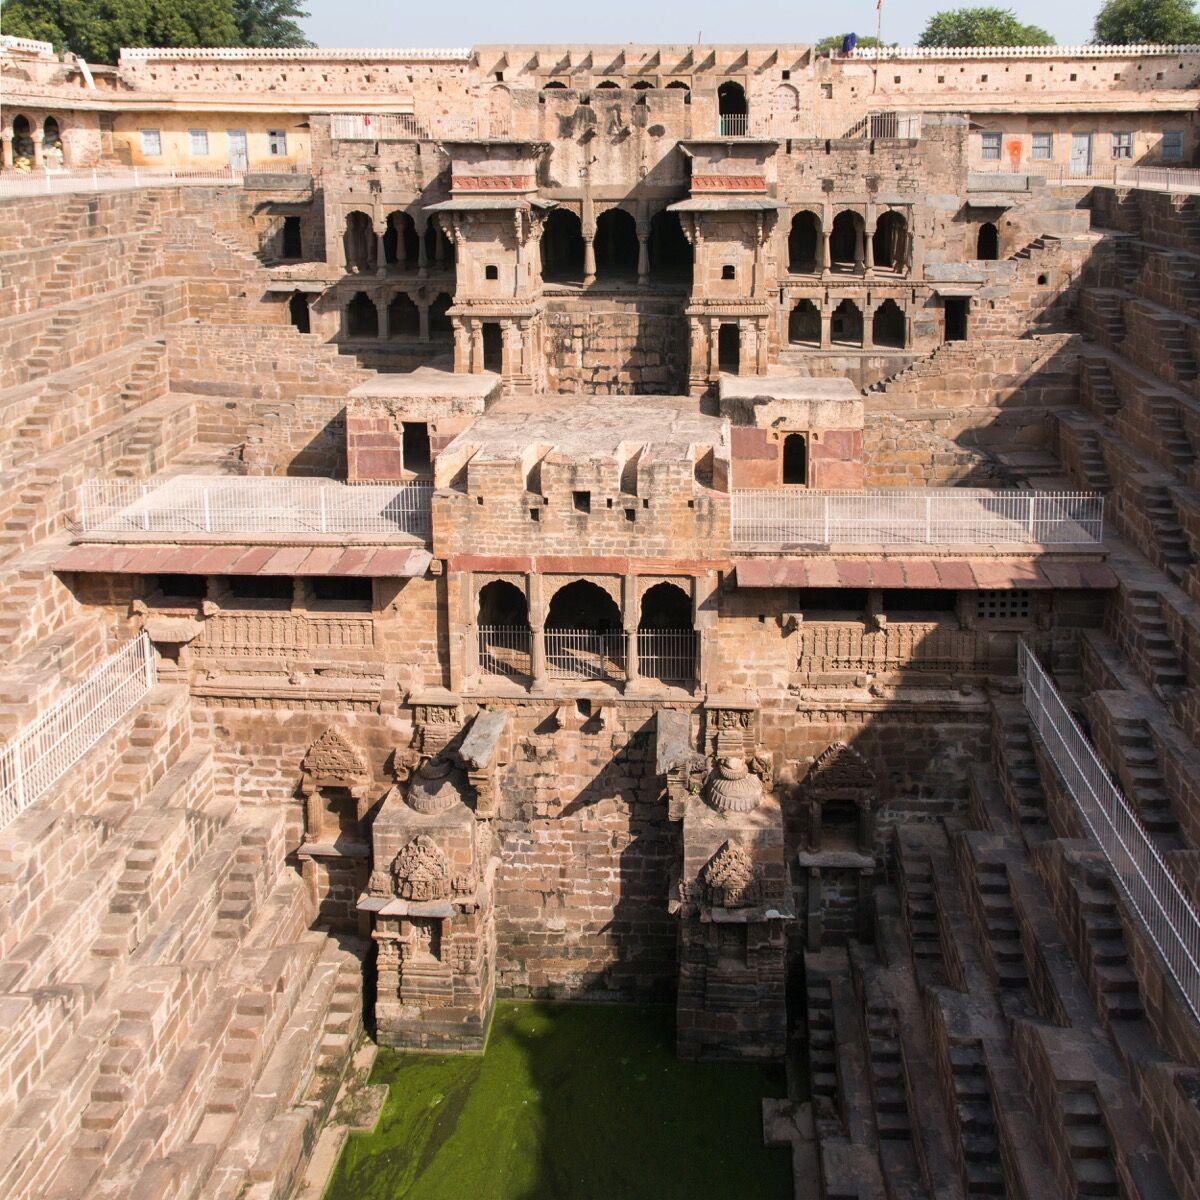 Chand Baori, Jaipur, ca. 9th century. Image via Wikimedia Commons.